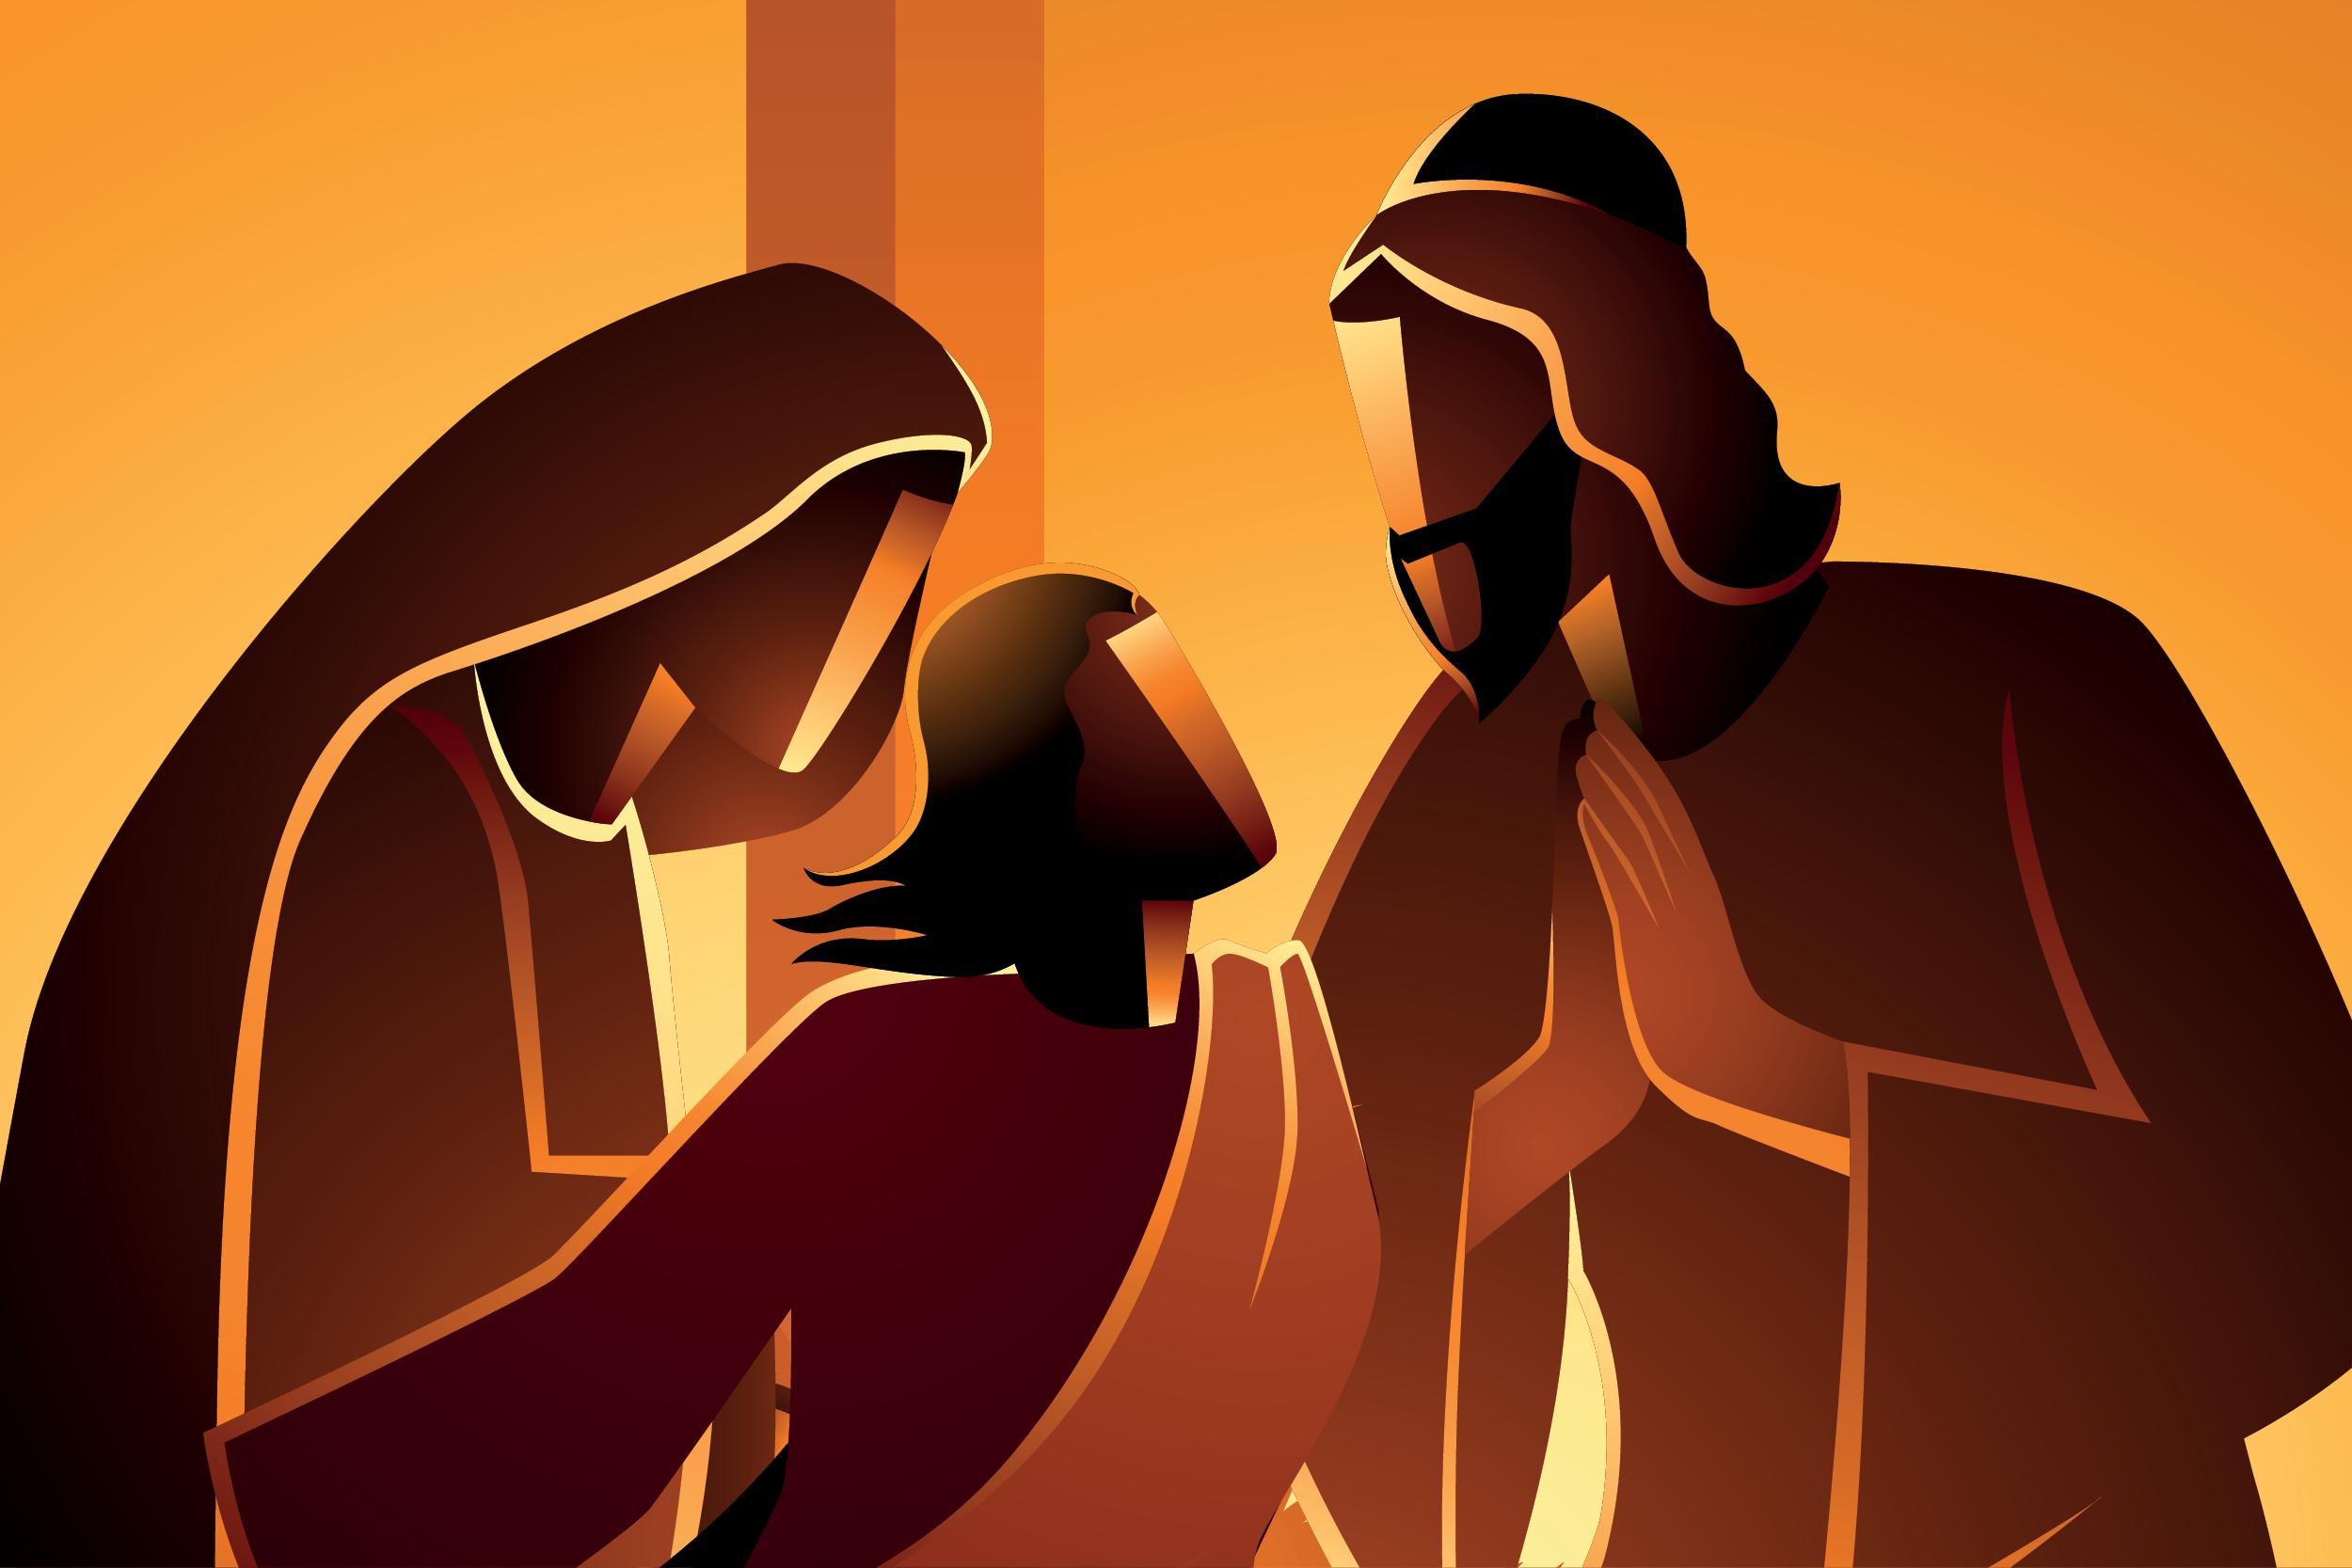 El Niño Jesús perdido y hallado en el Templo. Ilustración: Martín Cuéllar.